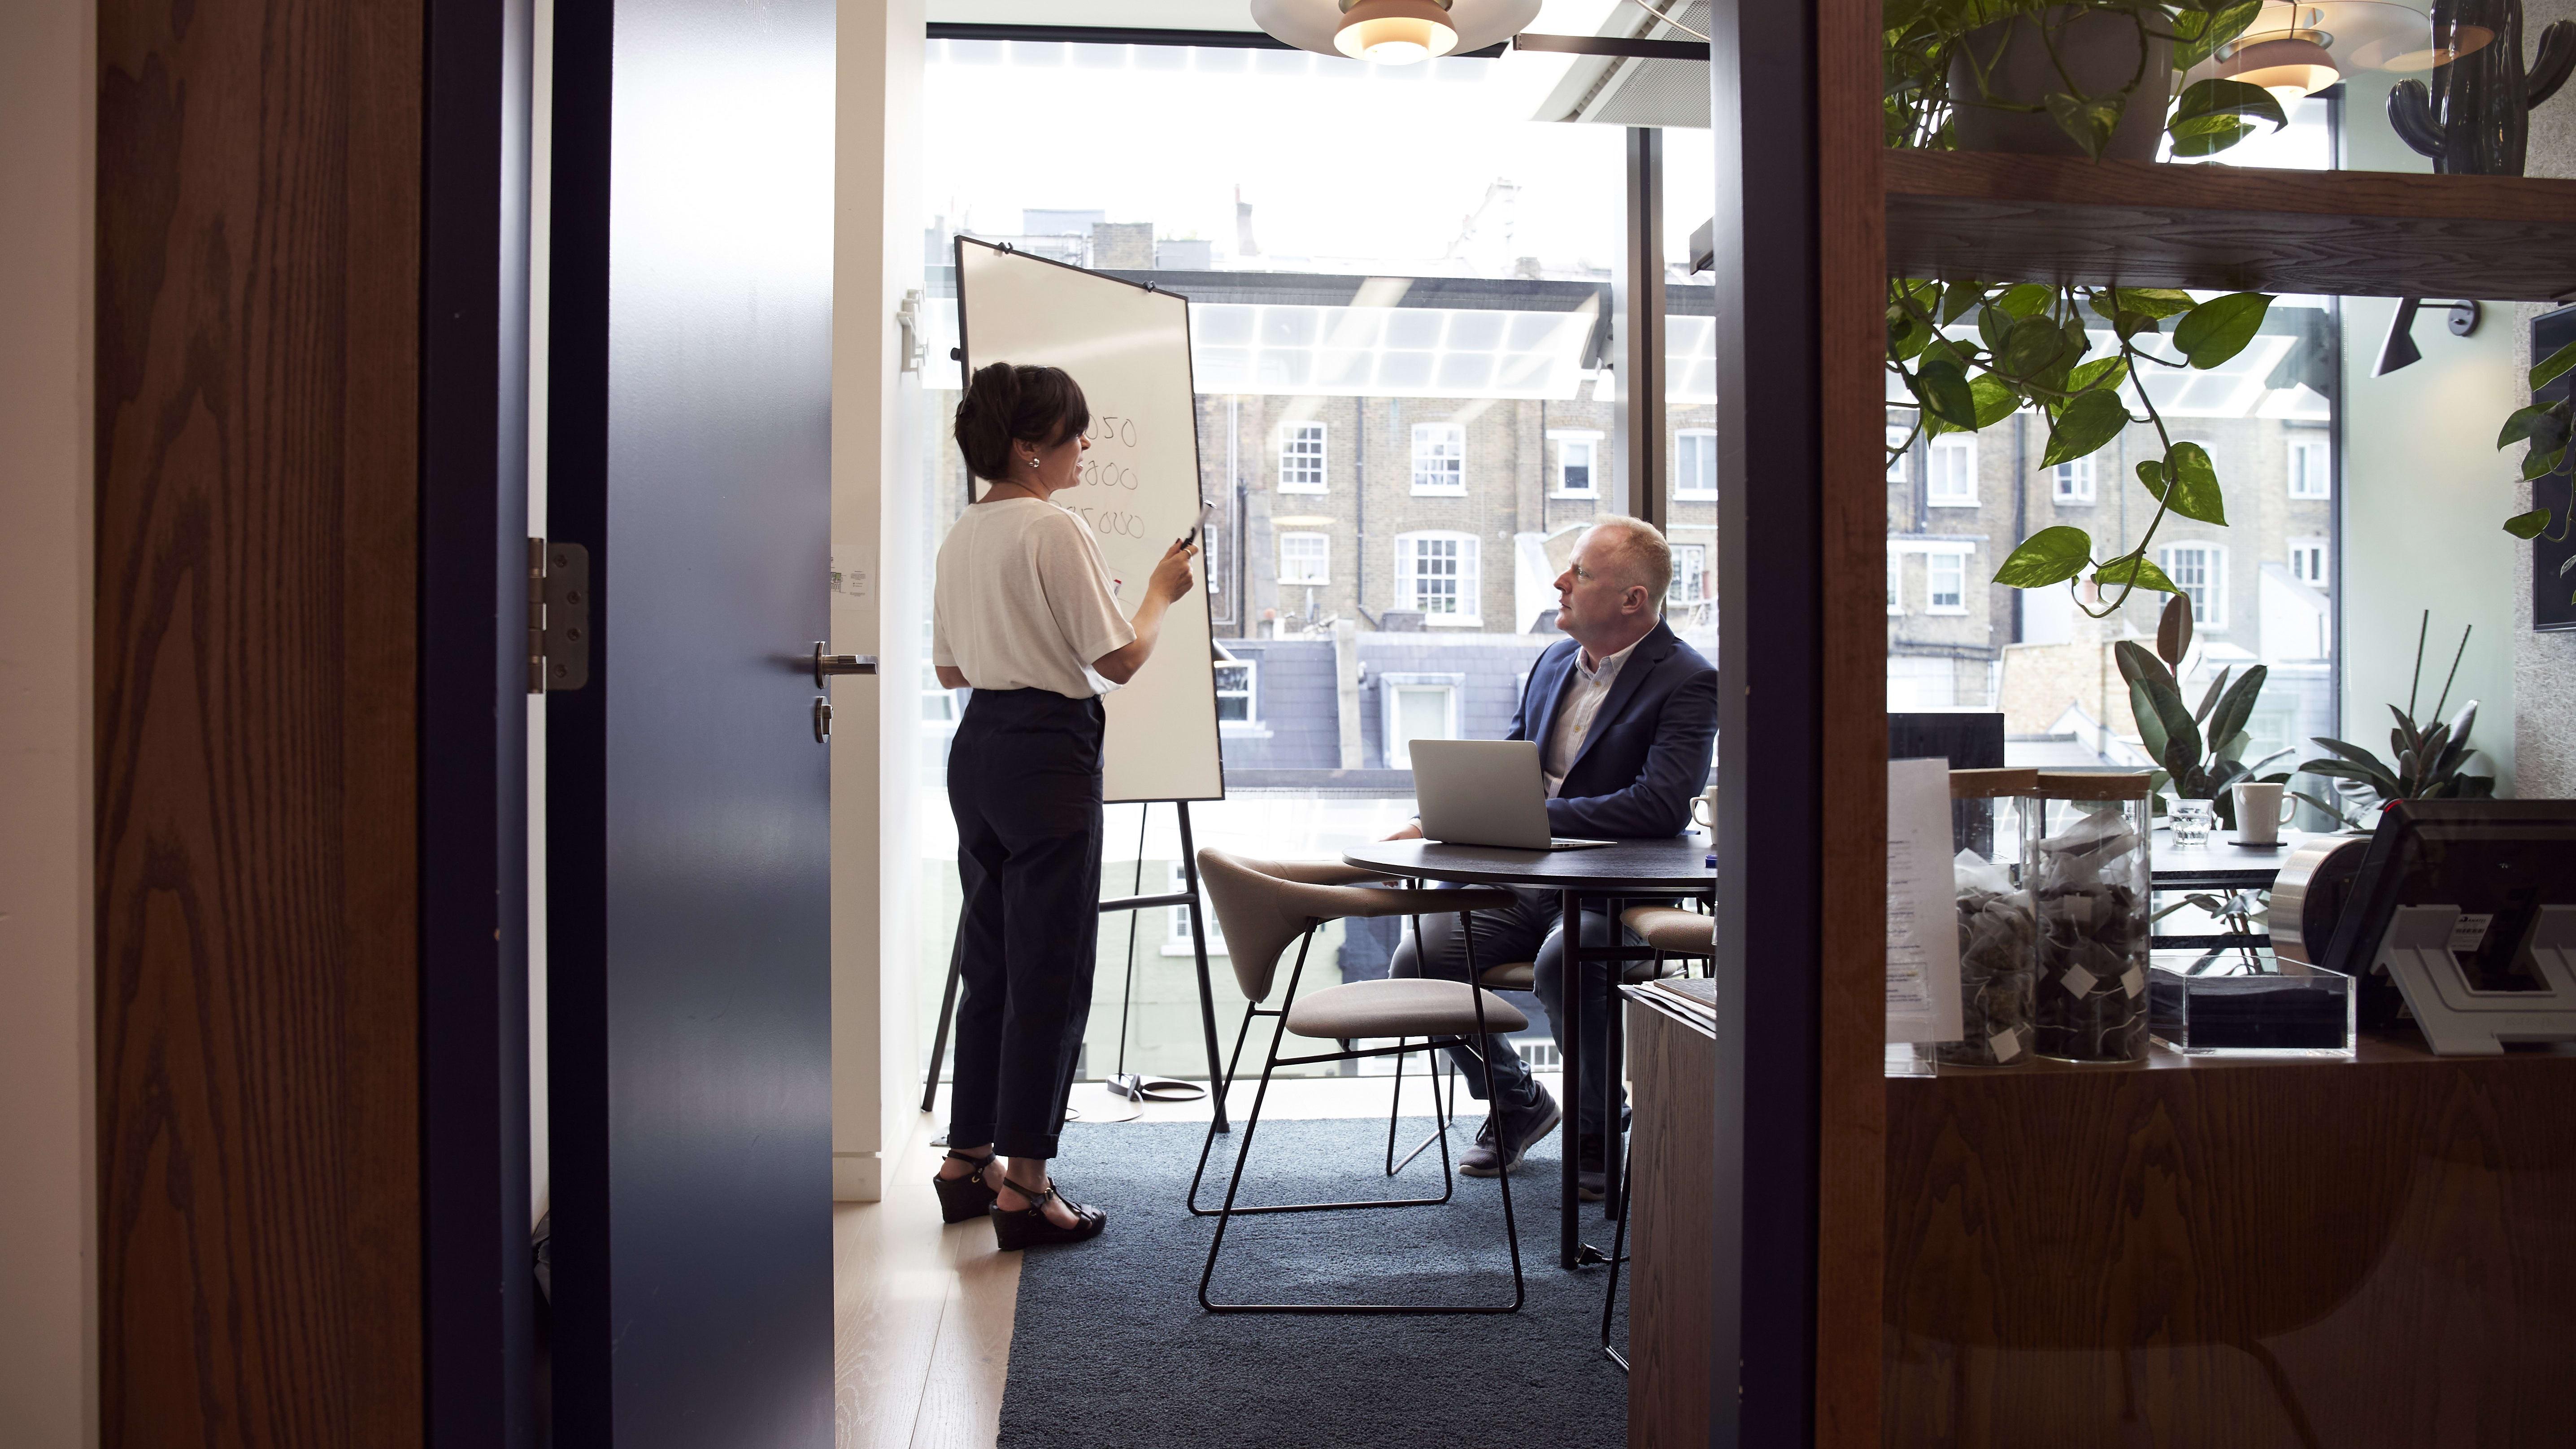 Comment trouver le meilleur promoteur immobilier?